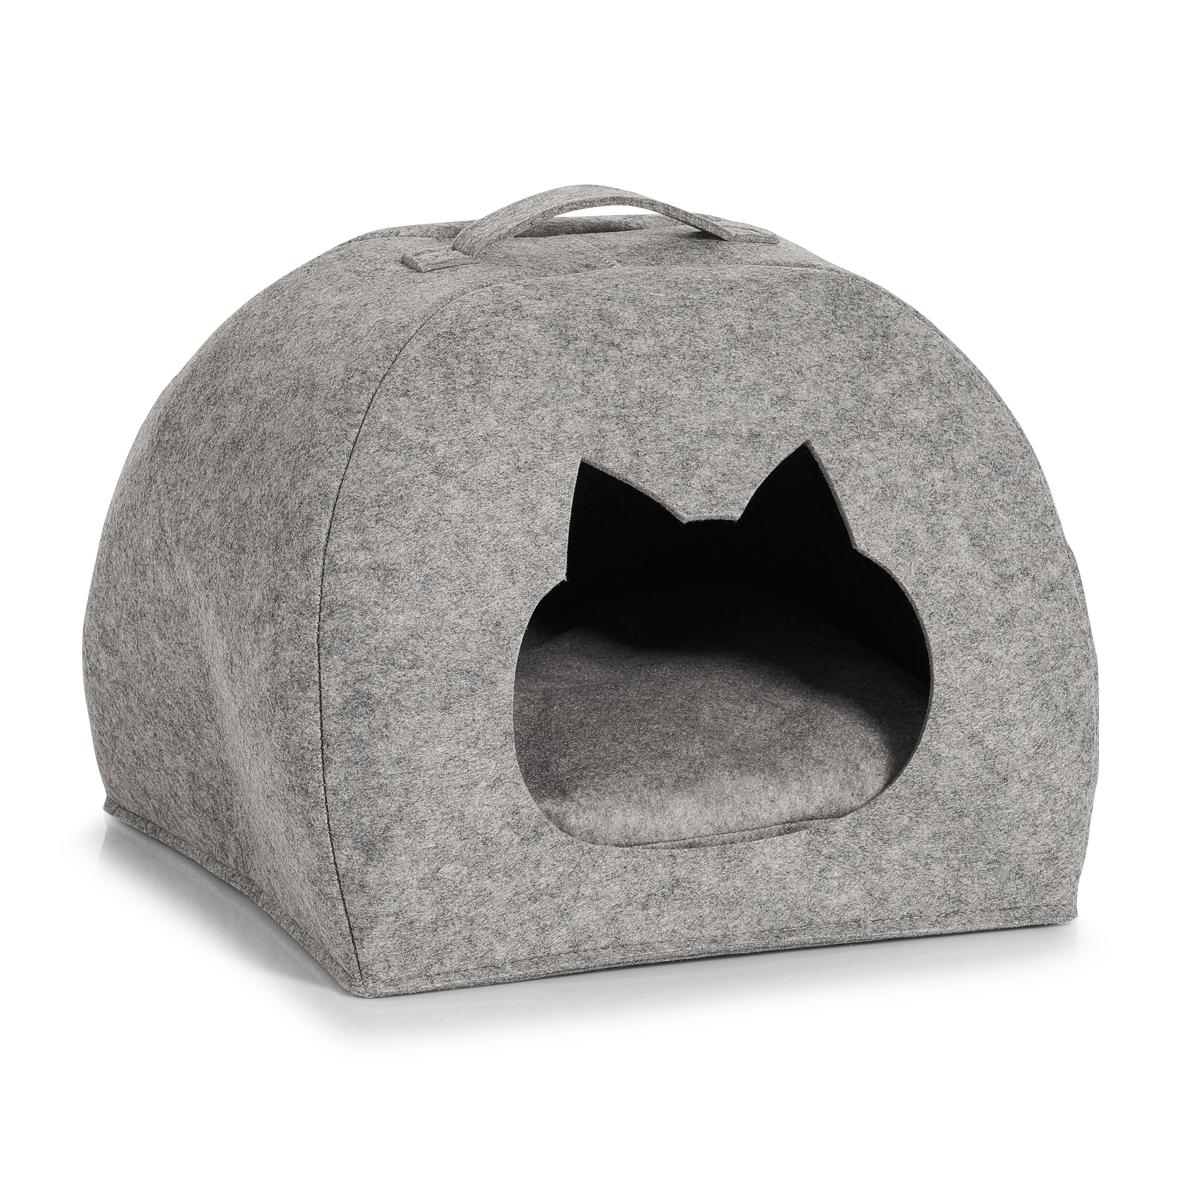 Zeller, Kočičí pelíšek, světle šedý, 40,5 x 38 x 37,5 cm